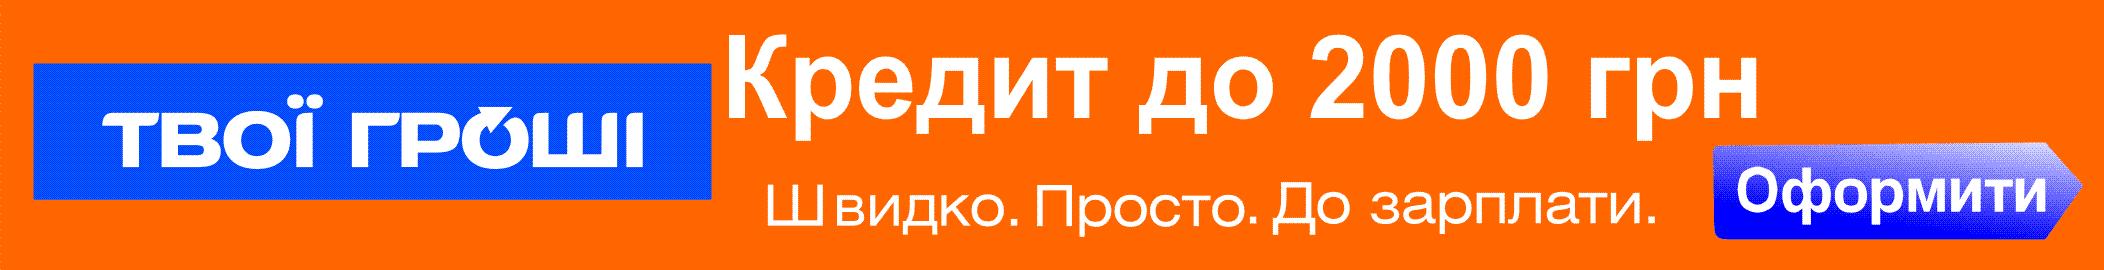 Твої Гроши кредит наличными до зарплаты в Киеве